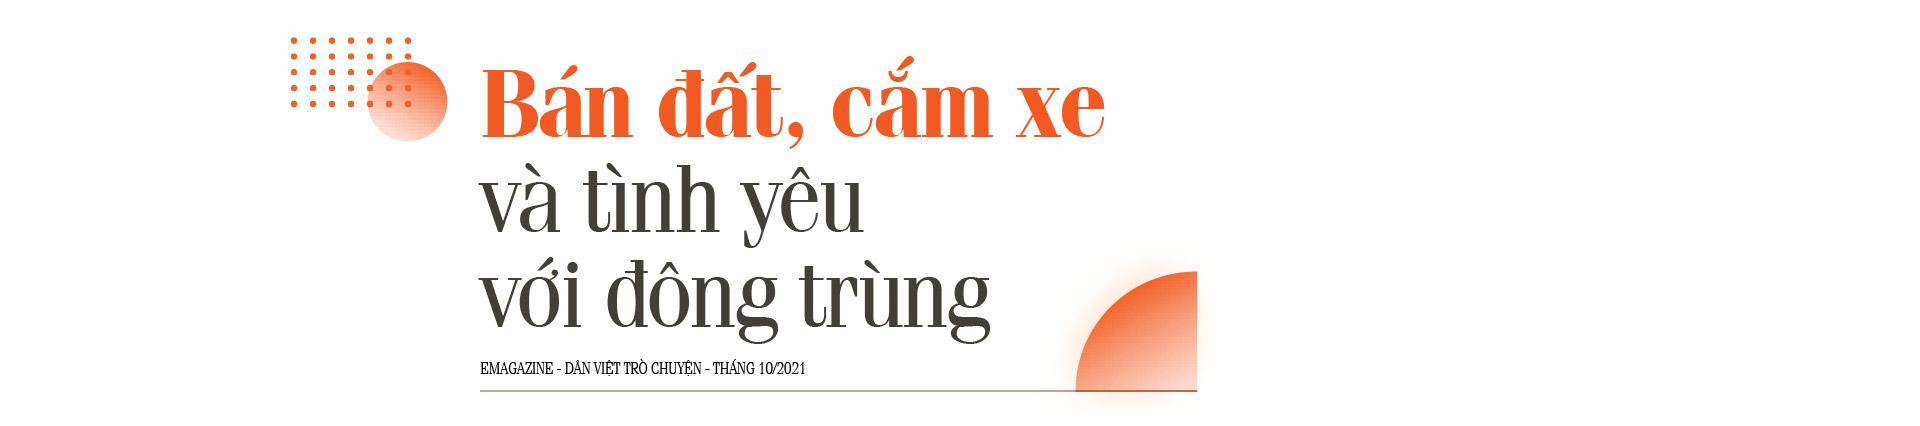 """Tỷ phú Nông dân Việt Nam xuất sắc 2021 Nguyễn Thị Hồng: Hành trình chinh phục  """"vàng mềm"""" siêu đắt đỏ  - Ảnh 7."""